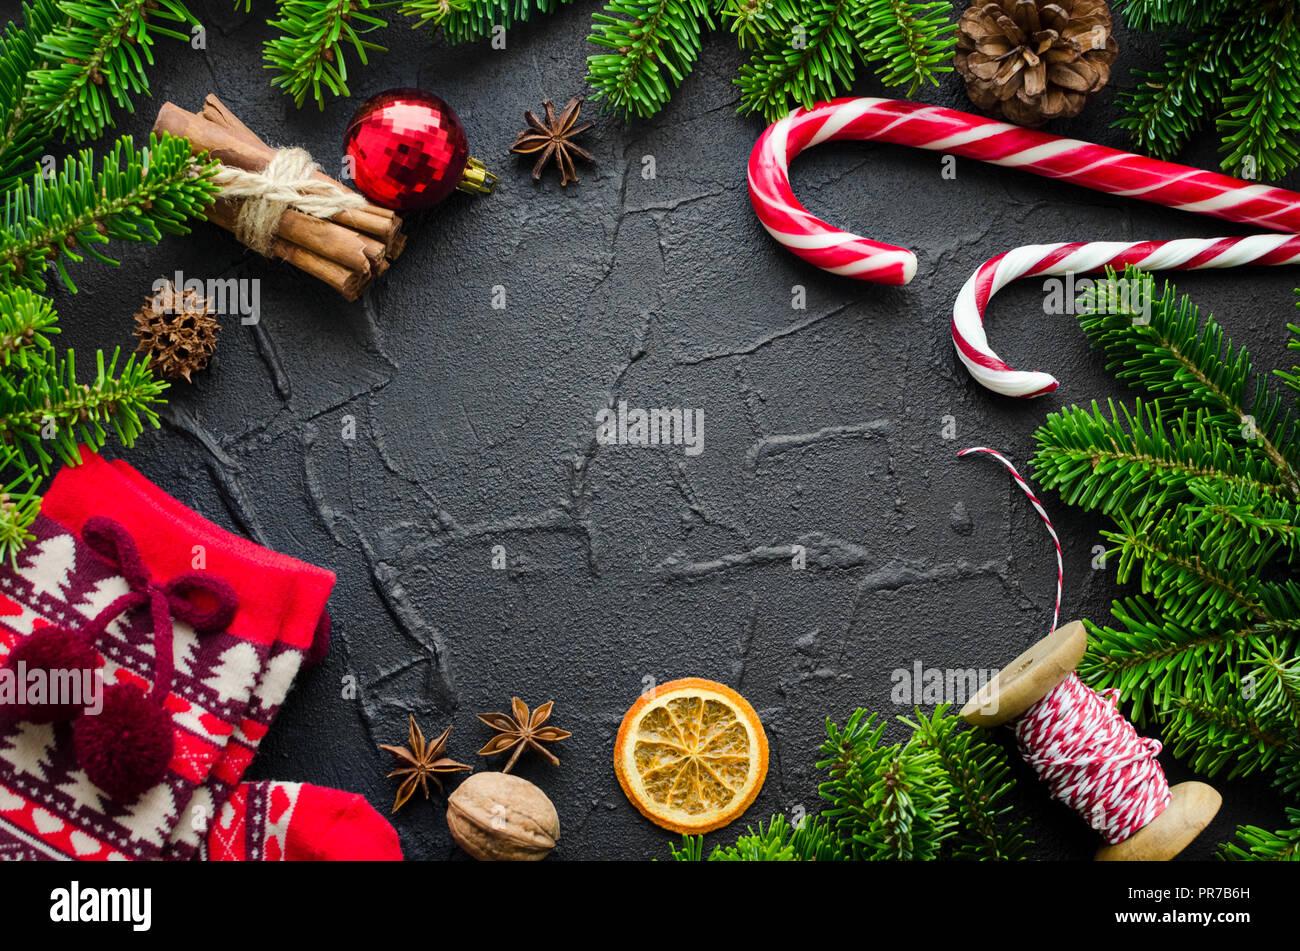 Frohe Weihnachten Rahmen.Weihnachten Rahmen Von Tannenbaum Zweige Und Dekorationen Auf